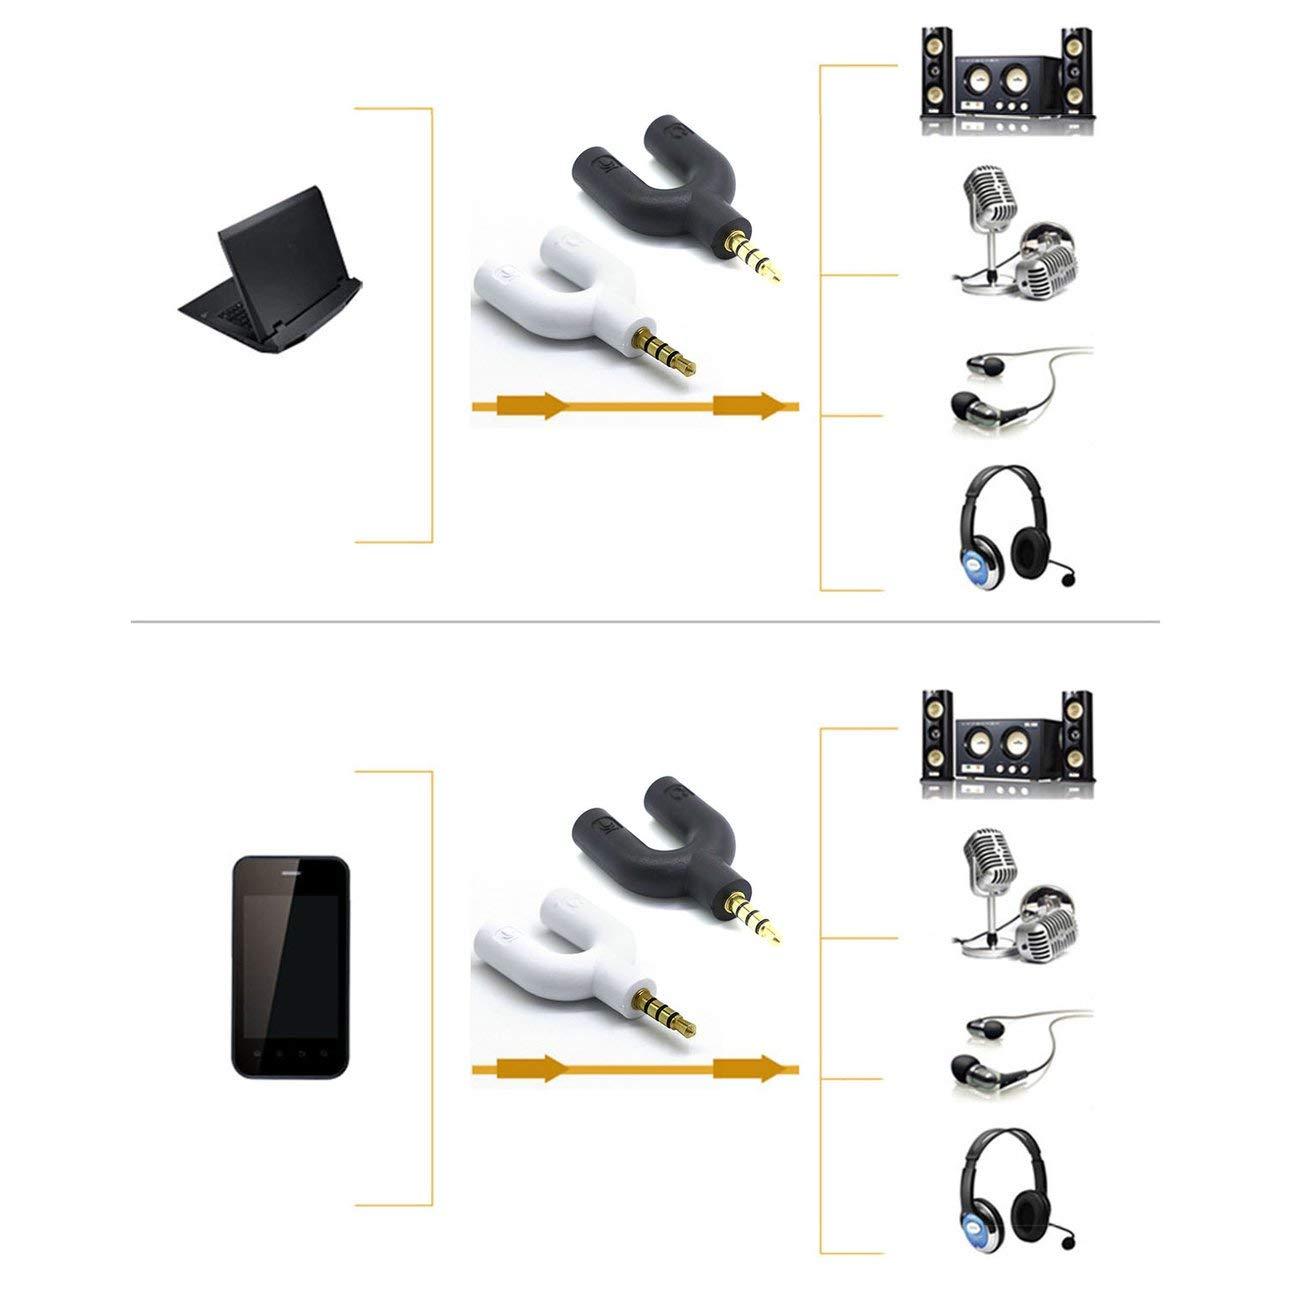 Ballylelly Auricular Micr/ófono Divisor 3.5mm Audio Divisor U Jack a Auricular Micr/ófono 2 V/ías U Divisor Convertidor Adaptador